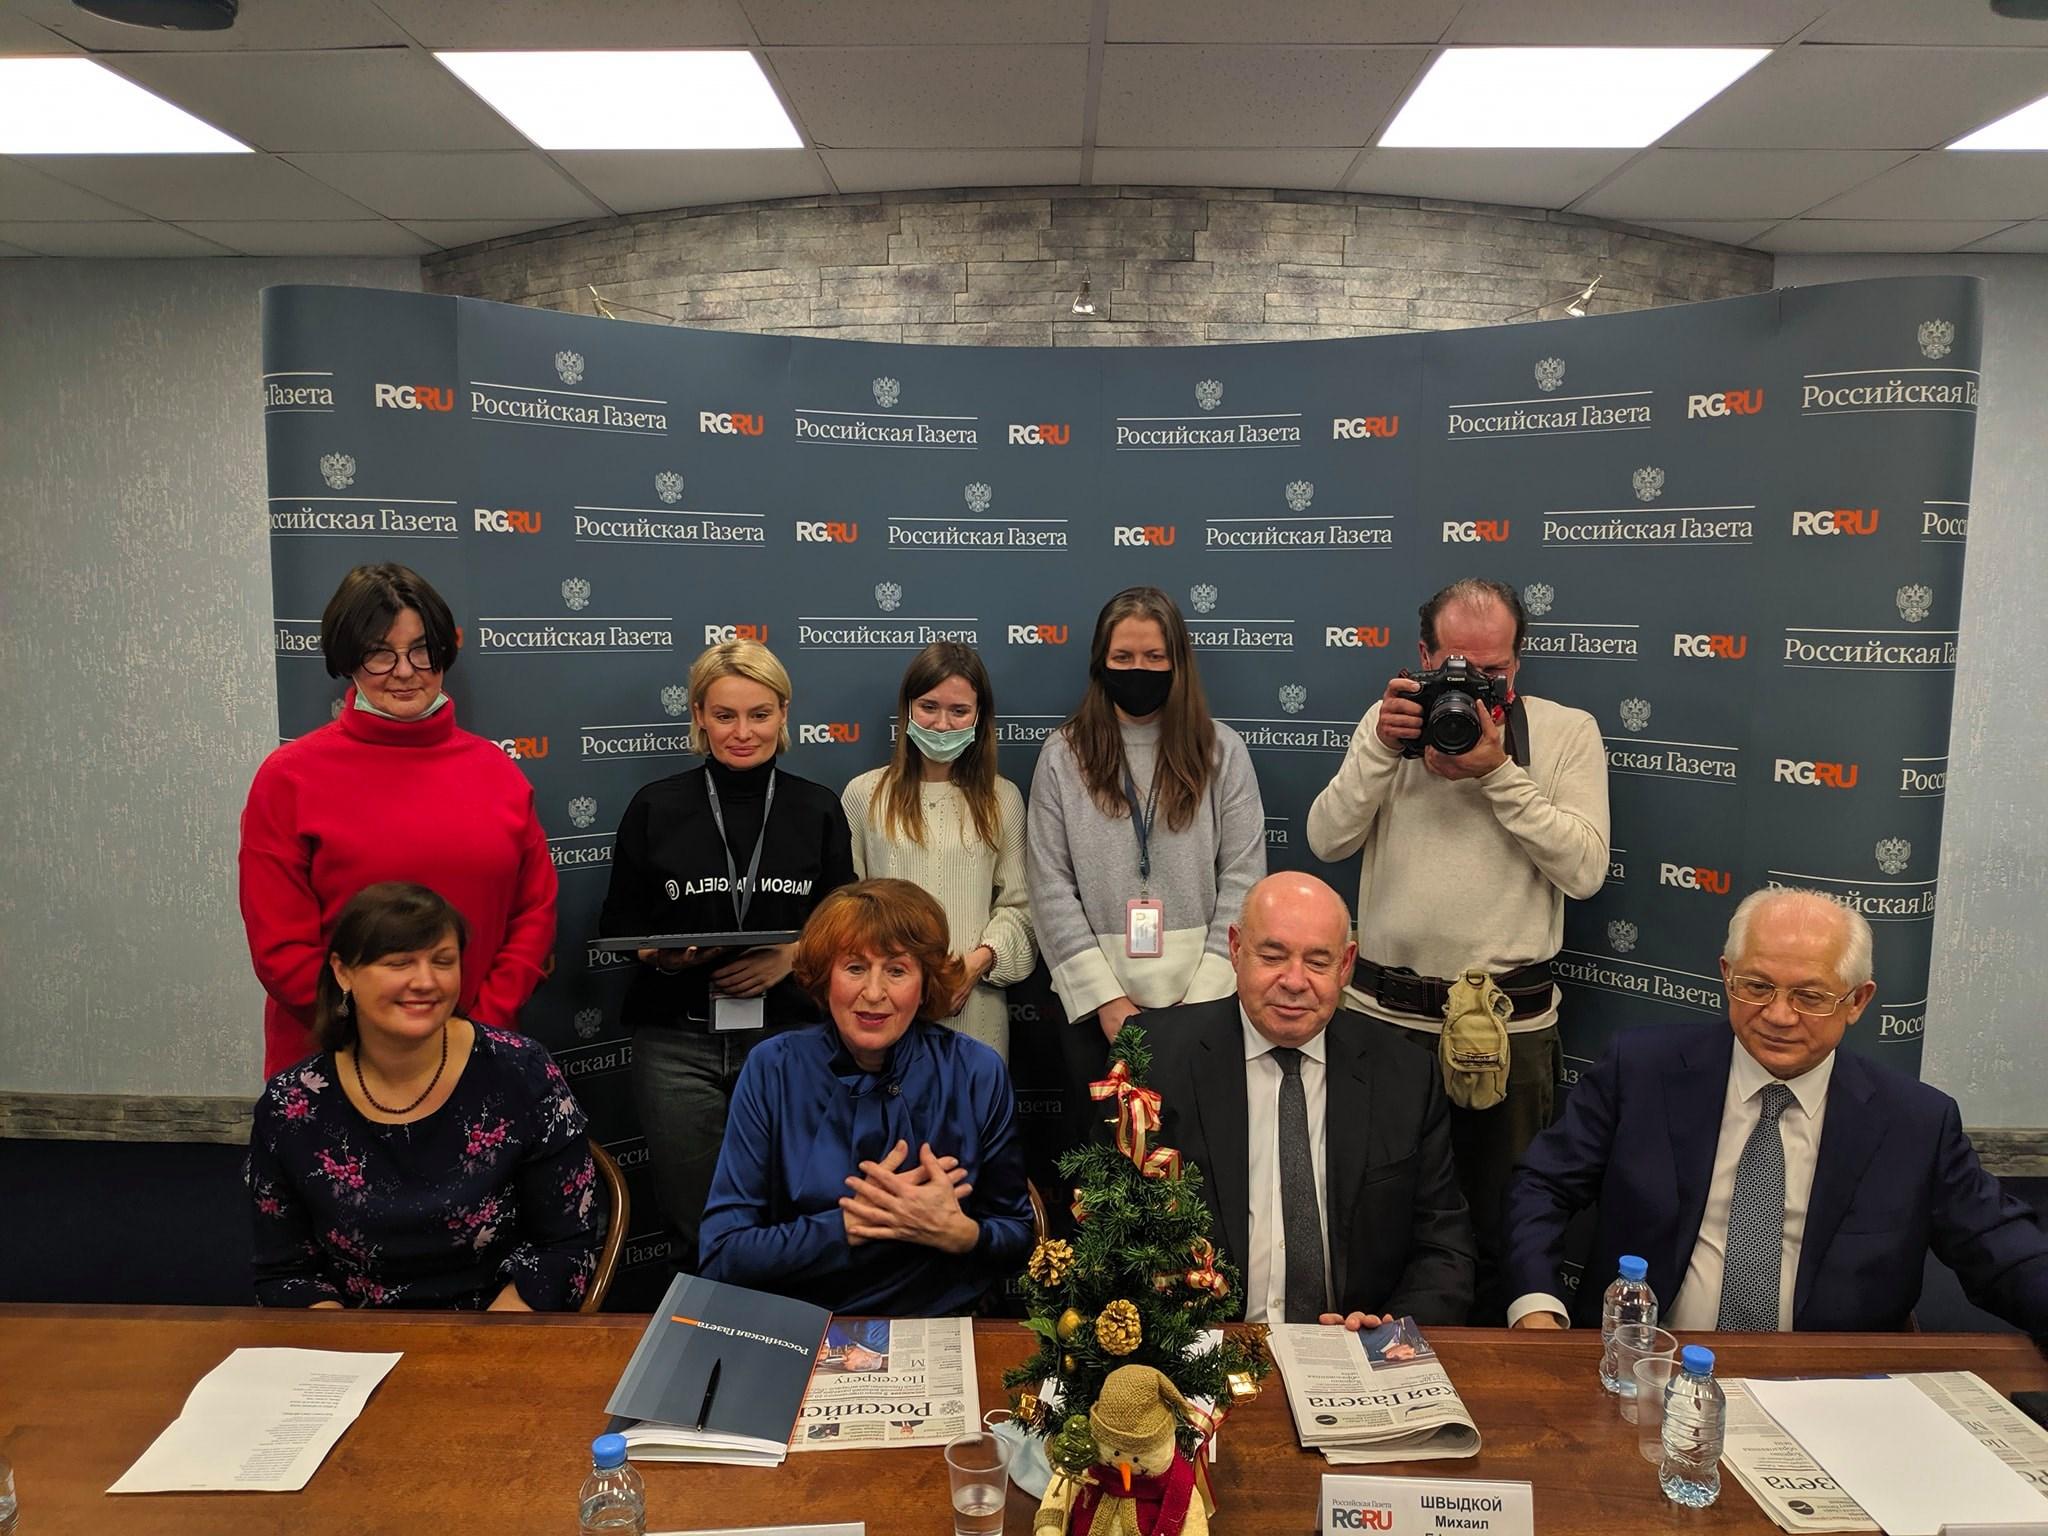 Московская область не планирует перевод школьников на дистанционное обучение